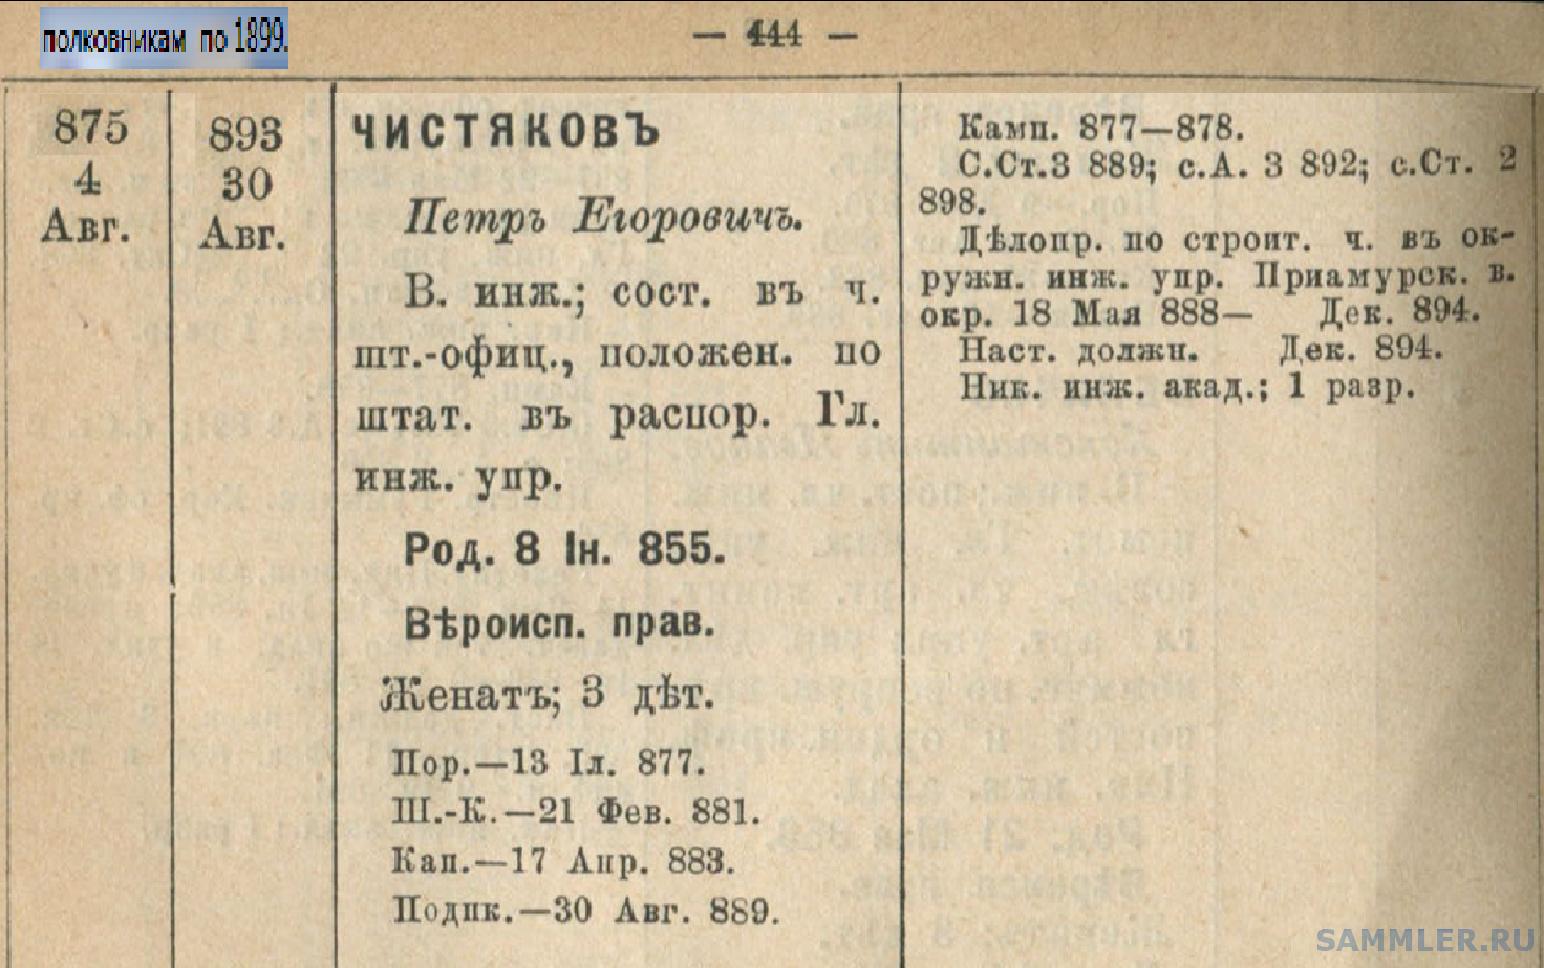 Чистяков.png